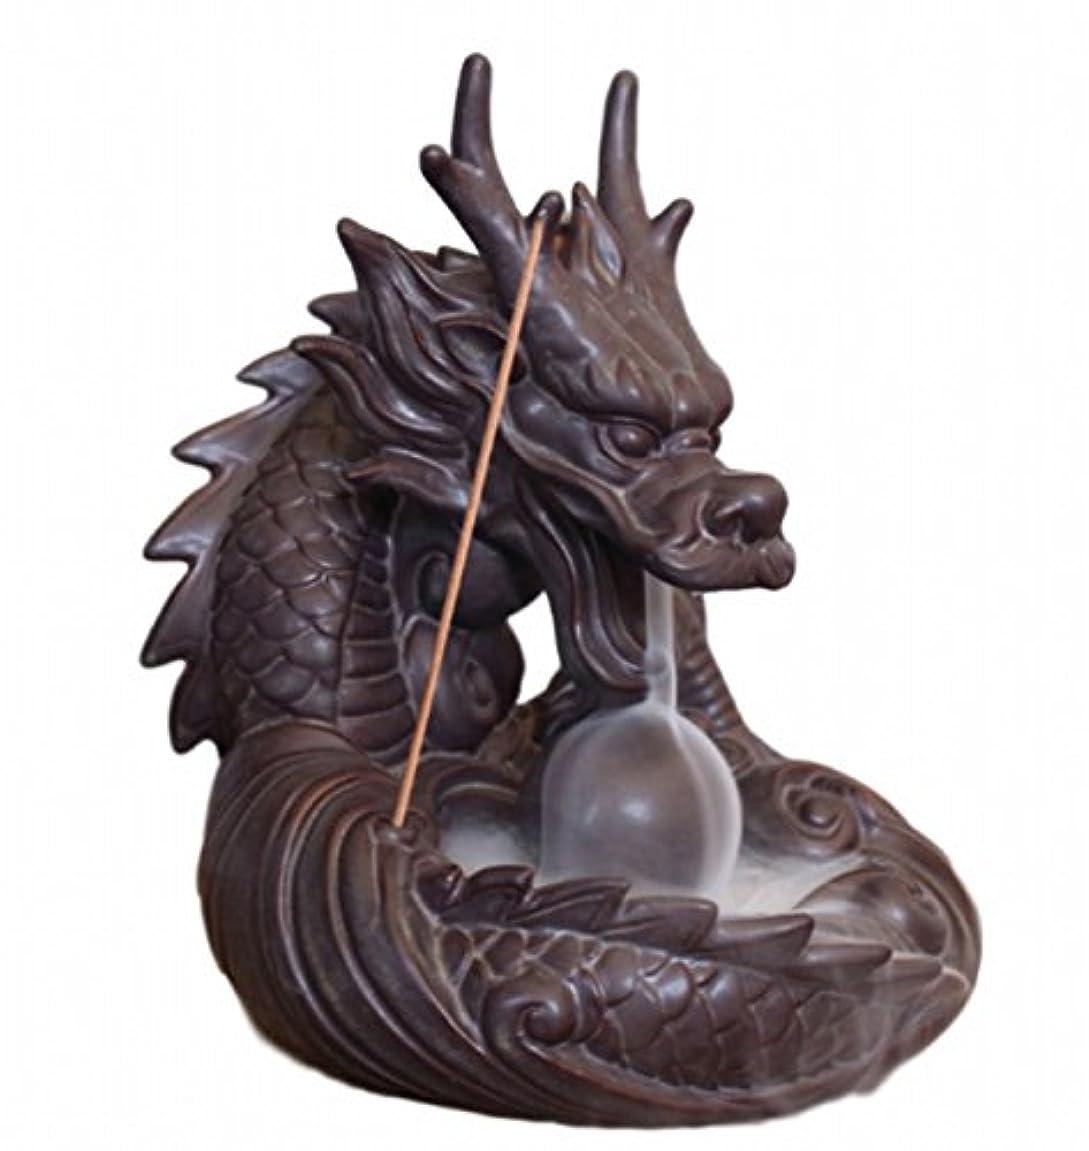 喪戦士天国【Rurumiマーケット】不思議なお香 倒流香 用 香炉 ドラゴン お試しお香付き 流川香 陶器製 (ドラゴンB)